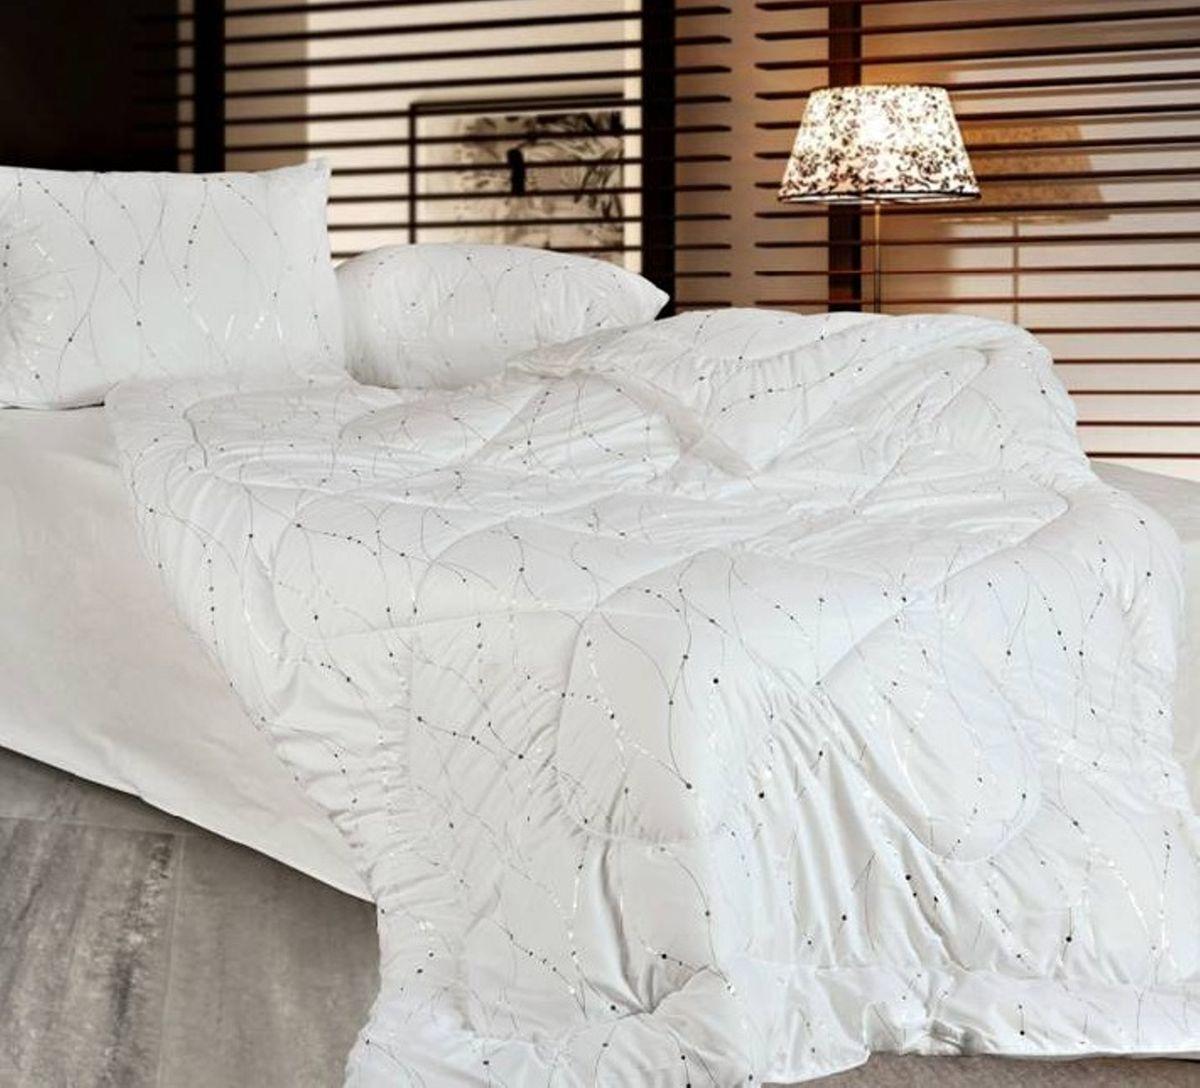 Одеяло Home & Style, наполнитель: соевое волокно, цвет: белый, серебристый, 140 х 205 см182907Одеяло Home & Style приятно удивит вас и создаст атмосферу тепла и комфорта в вашем доме. Одеяло изготовлено из полиэстера, а наполнителем является соевое волокно.Соевое волокно, изготовленное с использованием растительных протеинов сои, недаром называют волокном жизни. Соевые волокна содержат уникальные аминокислоты и витамины токоферолы, которые благотворно воздействуют на кожу человека, предотвращают старение, снижают воспалительные процессы на коже.Одеяла из соевого волокна необычайно мягкие, воздушные, теплые, гигроскопичные и воздухопроницаемые. Они мягкие, как шелк, теплые, как кашемир. Благодаря ей наполнитель удерживает тепло в холодную погоду и не препятствует свободной циркуляции воздуха для удаления влаги в жаркую погоду. Наполнитель не сваливается и не приминается, великолепно сохраняя форму даже после многократных стирок и сушек, подходит людям, страдающим аллергией на пух и перья.Свойства соевого волокна: - отличные теплоизоляционные свойства; - воздухопроницаемость; - гипоаллергенность; - простой и легкий уход; - быстро высыхает и восстанавливает объем после стирки. Размер: 140 х 205 см.